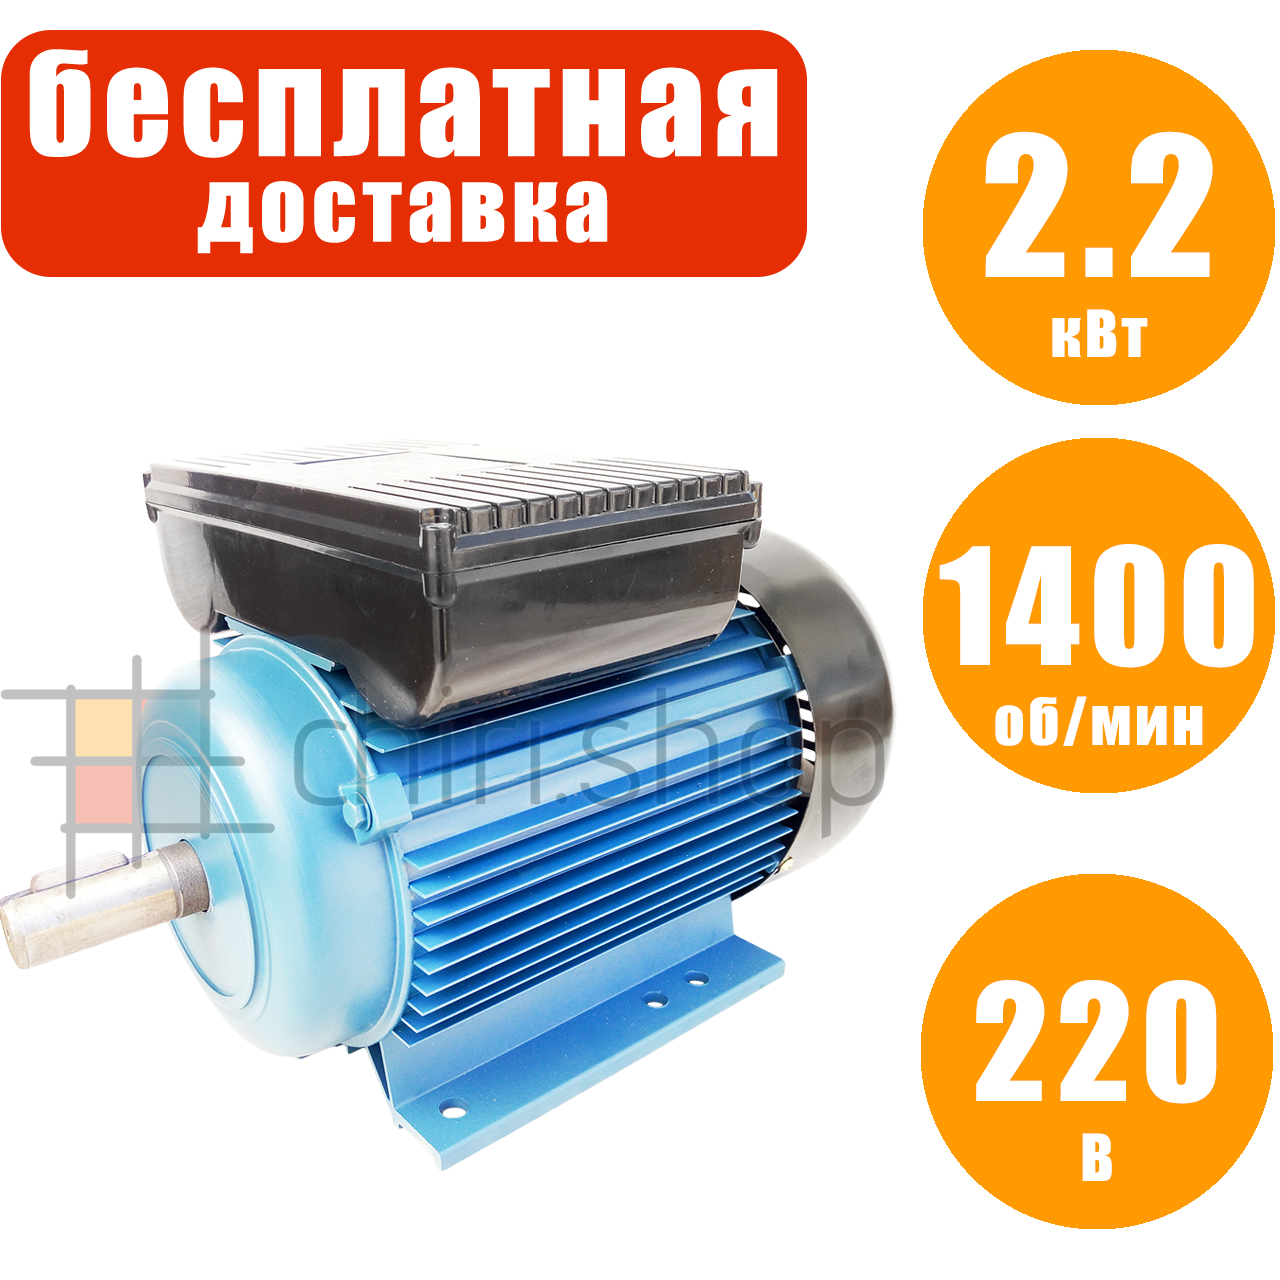 Электродвигатель 2.2 кВт 1400 об/мин 220 В Eurotec AT 123 однофазный электродвигатель переменного тока 1500 об